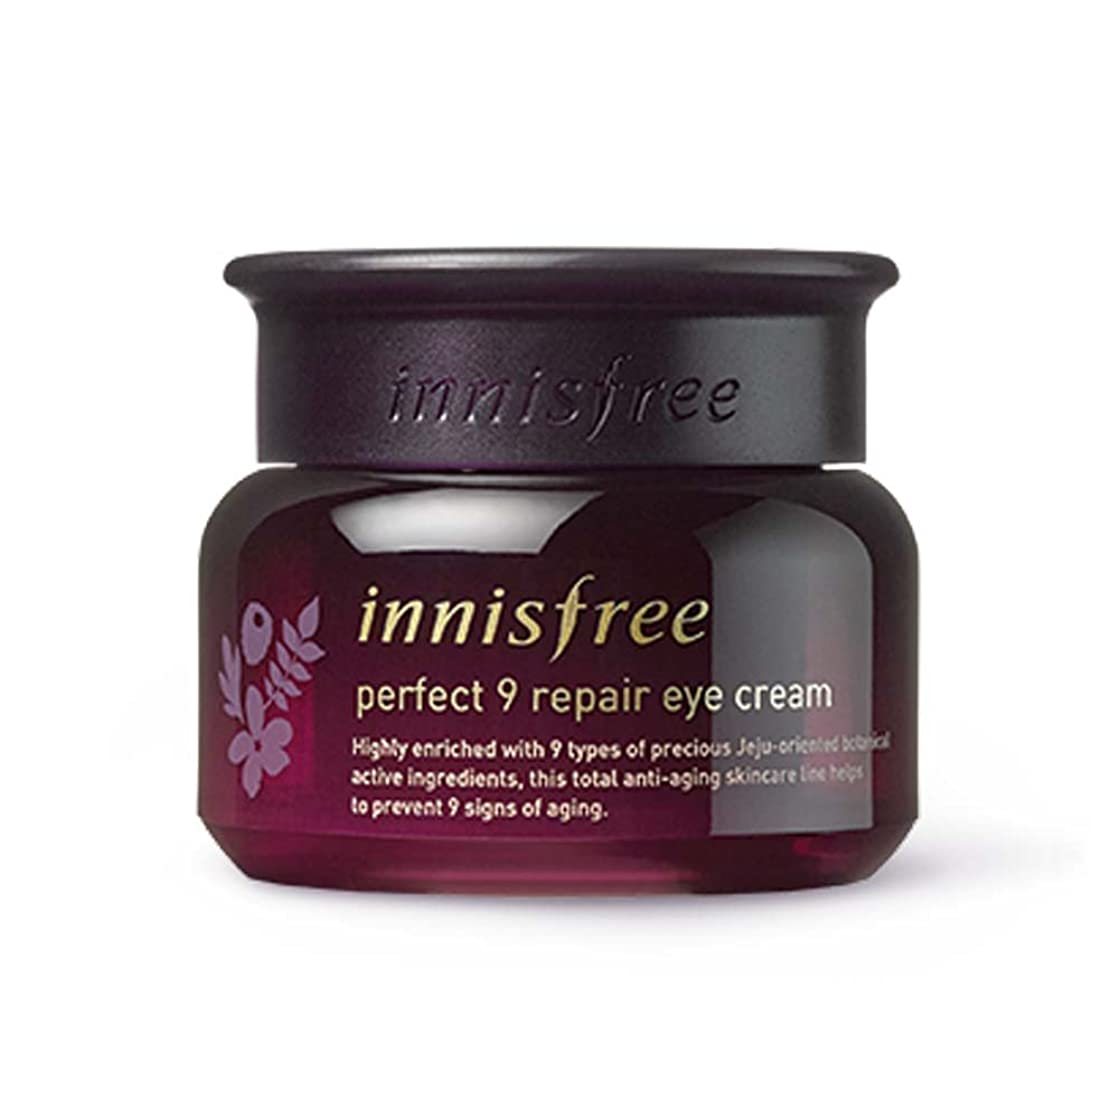 ラメ火エージェント【innisfree】イニスフリー パーフェクト9 リペアアイクリーム 30ml(Perfect 9 repair eye cream 30ml)